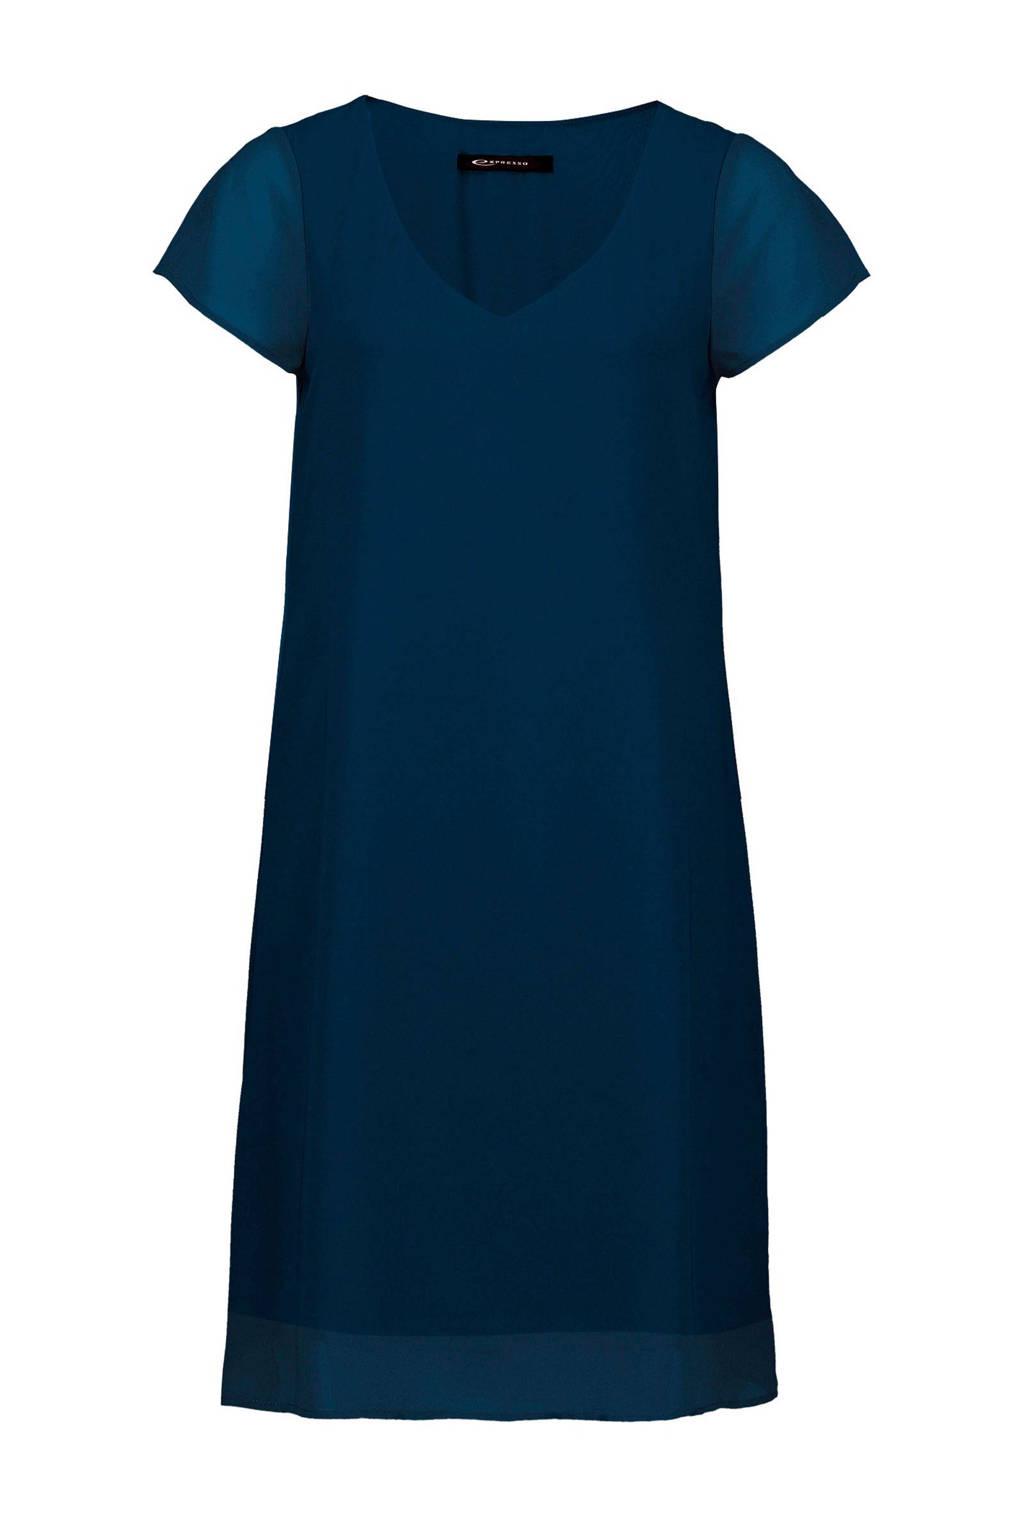 Expresso jurk, Blauw